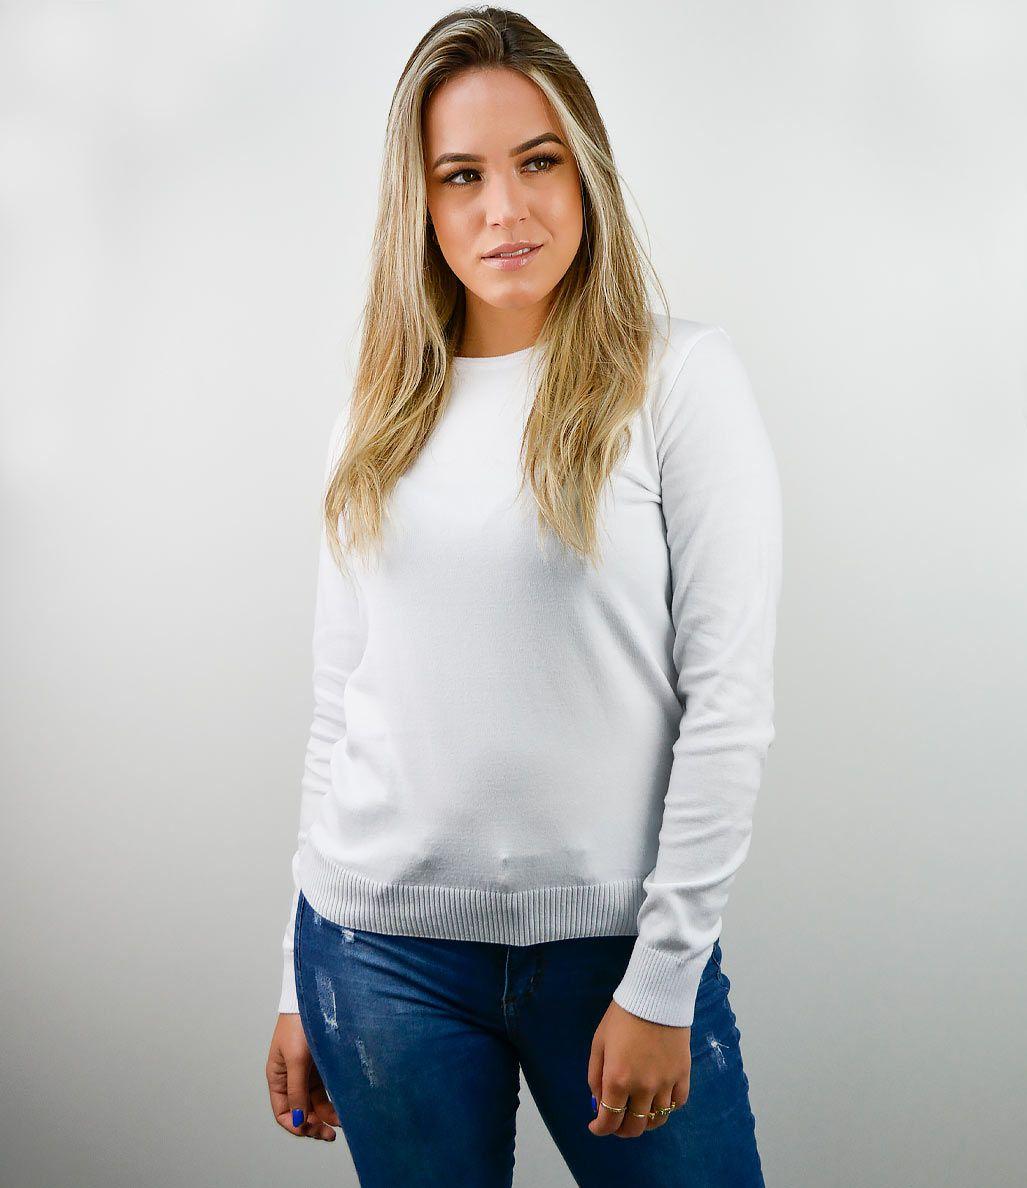 BLUSA ELLIS BÁSICA DECOTE REDONDO 100% ALGODÃO BRANCA